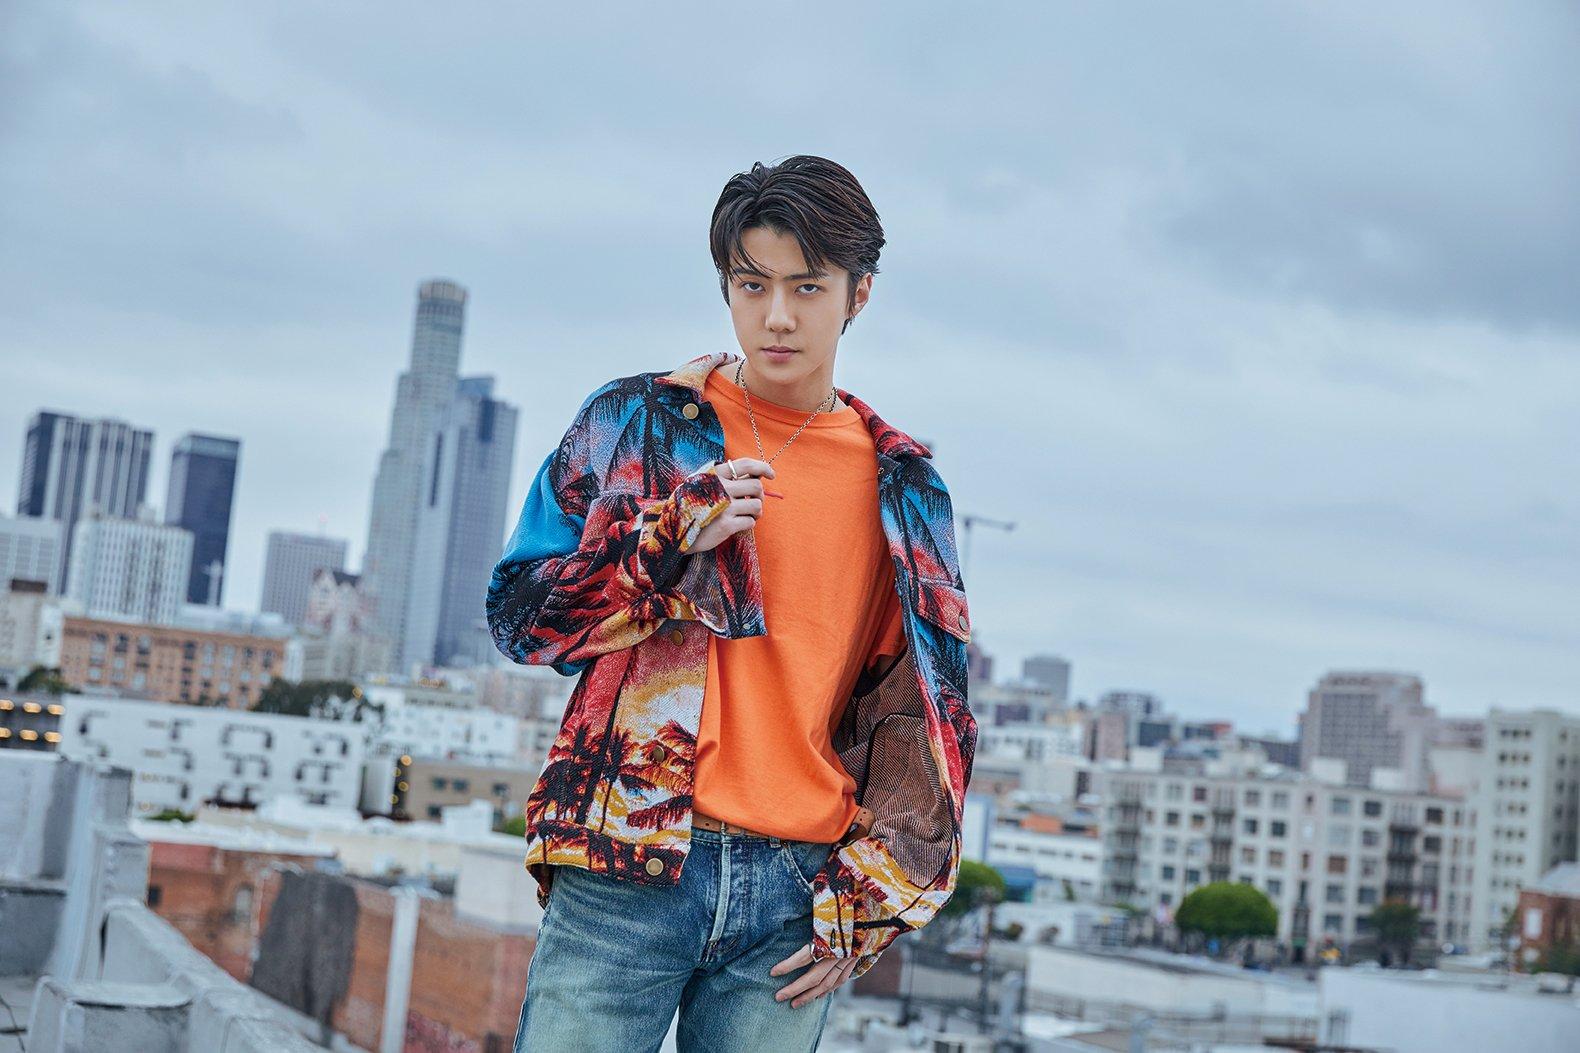 Sehun din EXO își îngrijorează fanii cu una dintre postările sale de pe Instagram, e obosit sau trece printr-o perioadă dificilă?